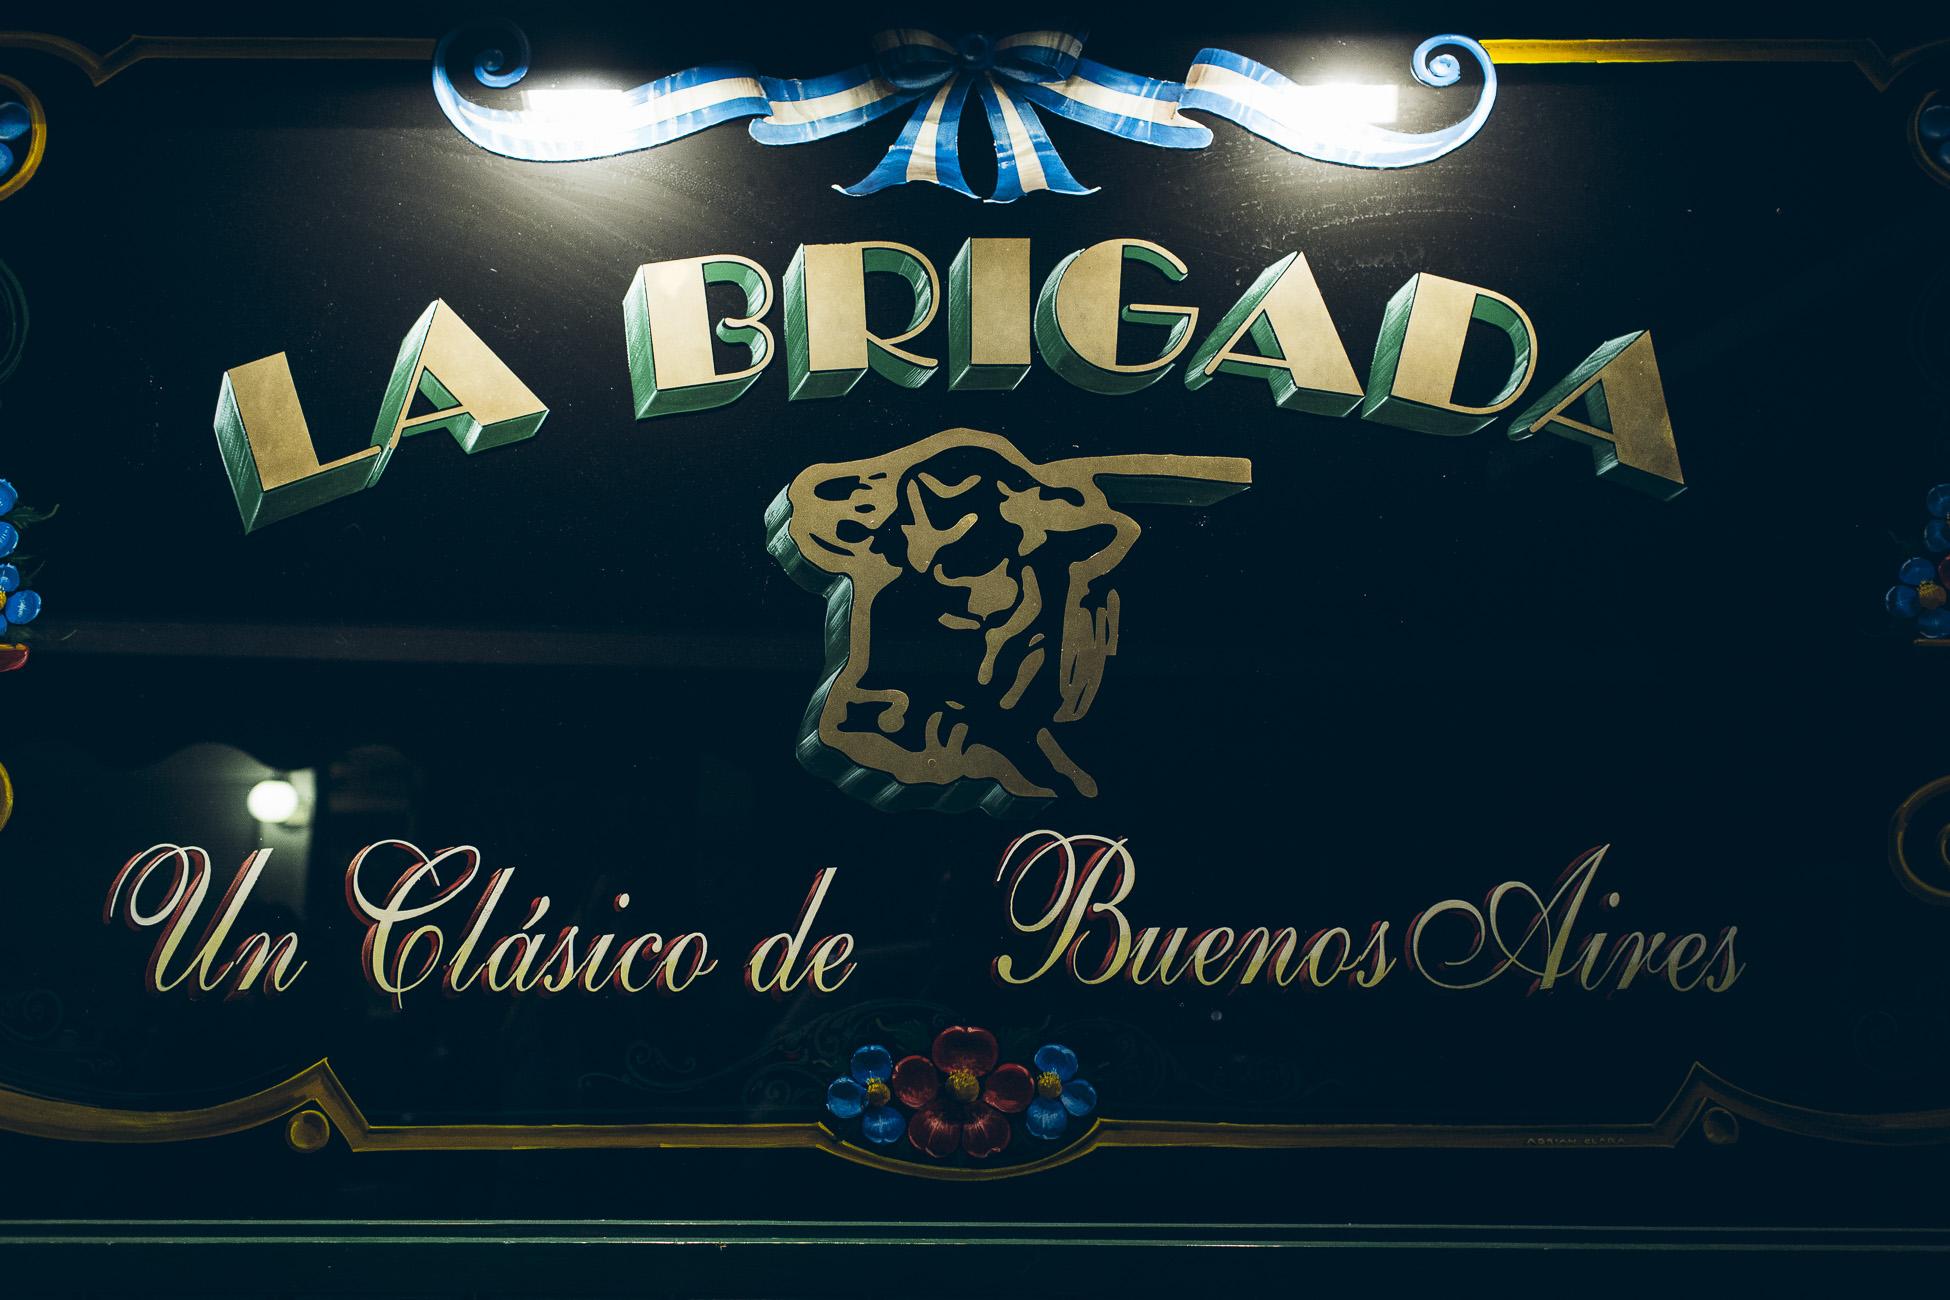 desktoglory_buenos_aires-109